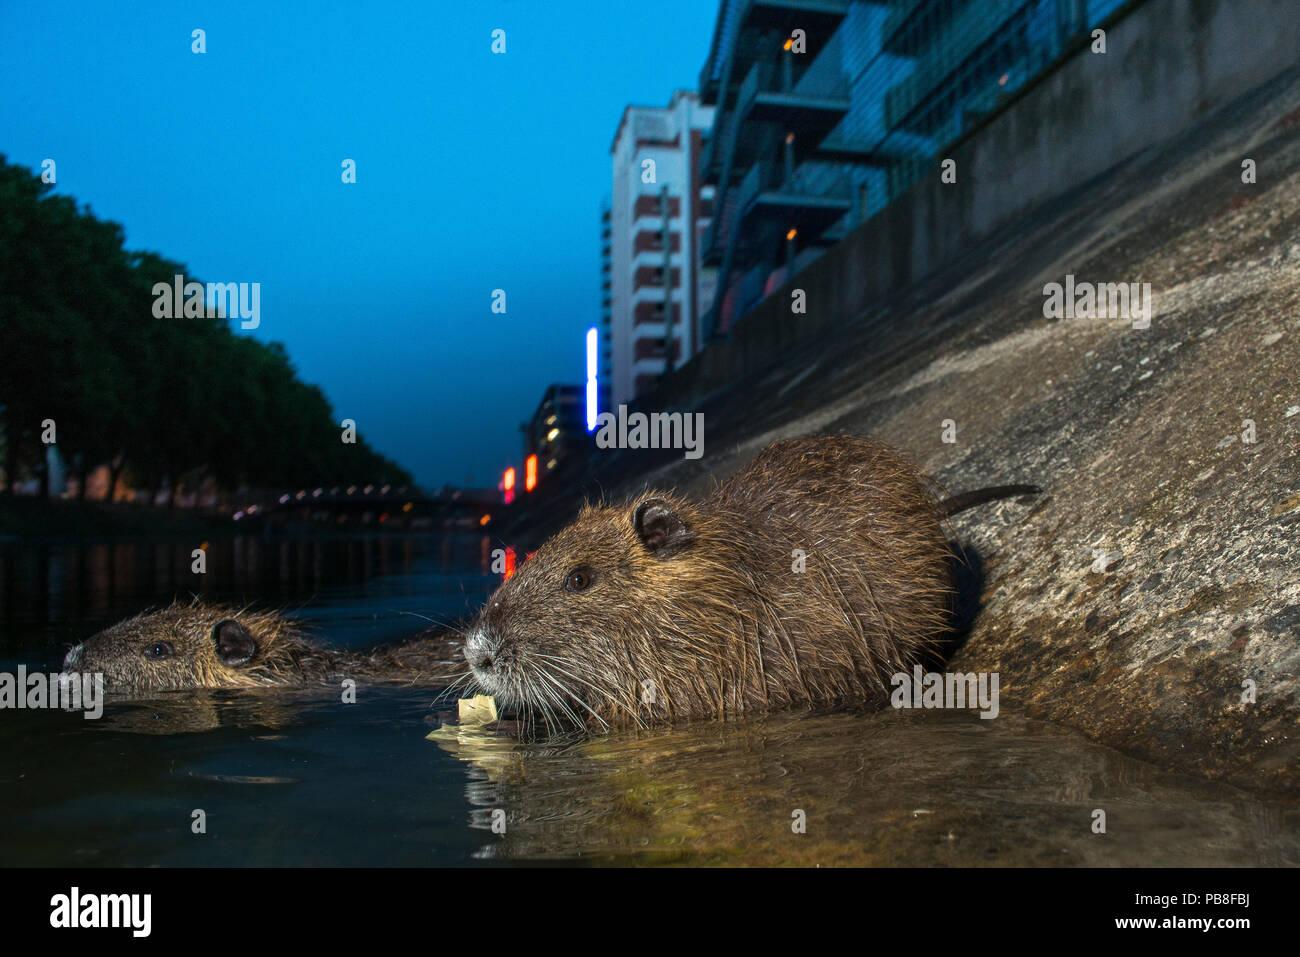 Coypu (Myocastor coypus) in river, Strasbourg, France. June. Introduced species. - Stock Image